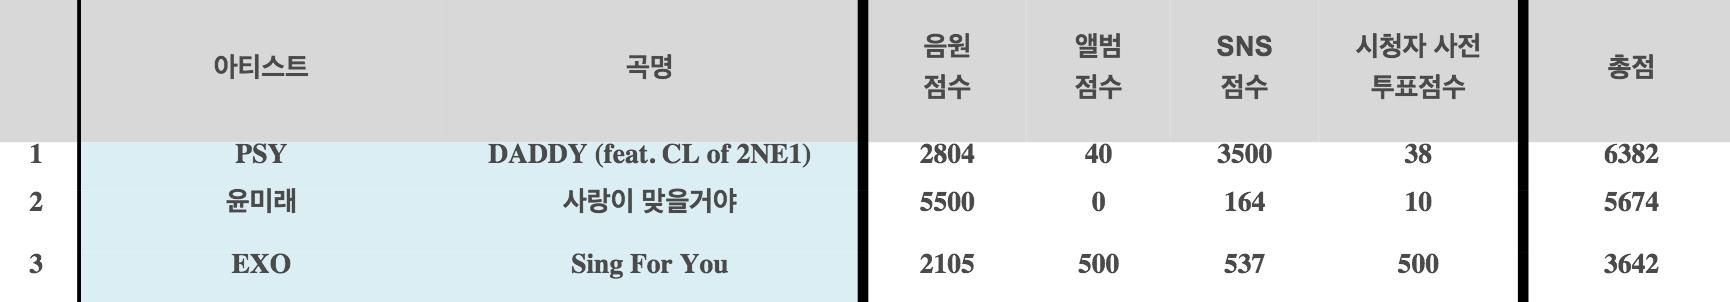 inkigayo rankings psy yoon mi rae exo